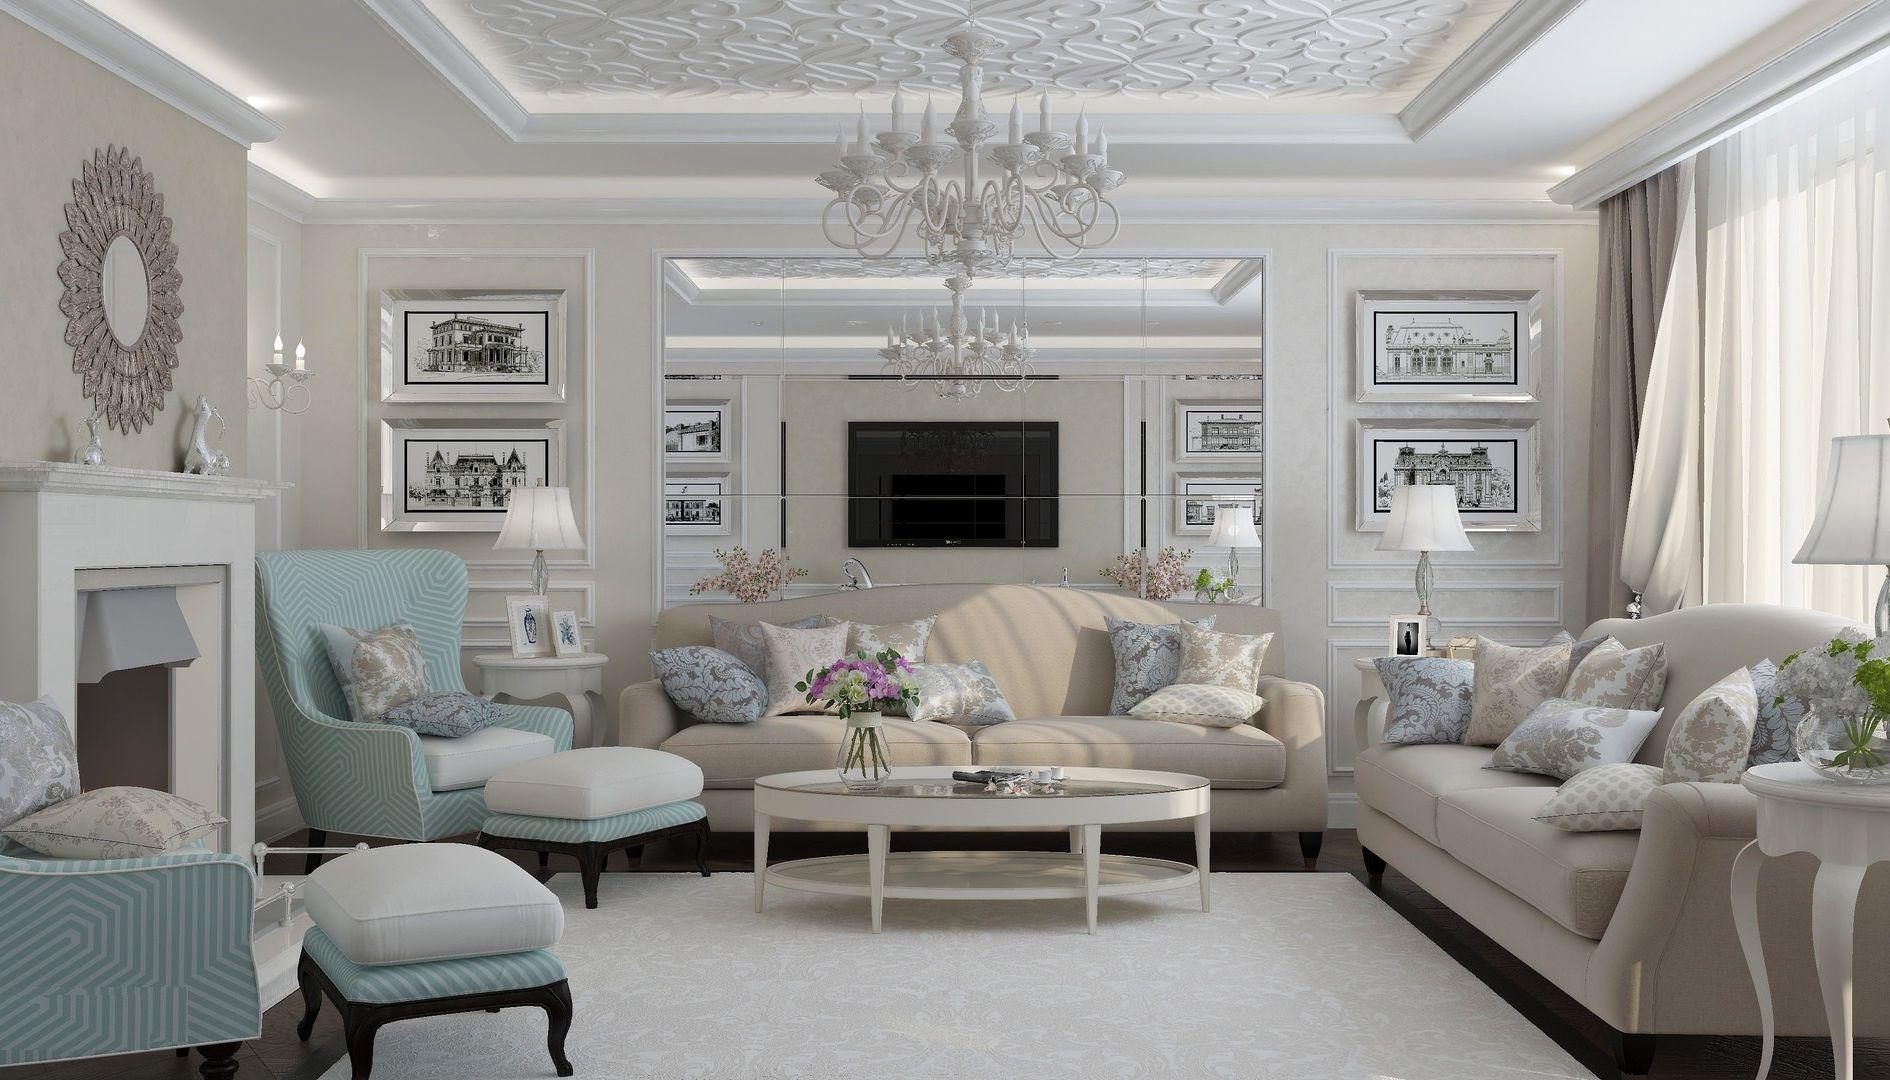 стиль неоклассика в интерьере квартиры идеи фото